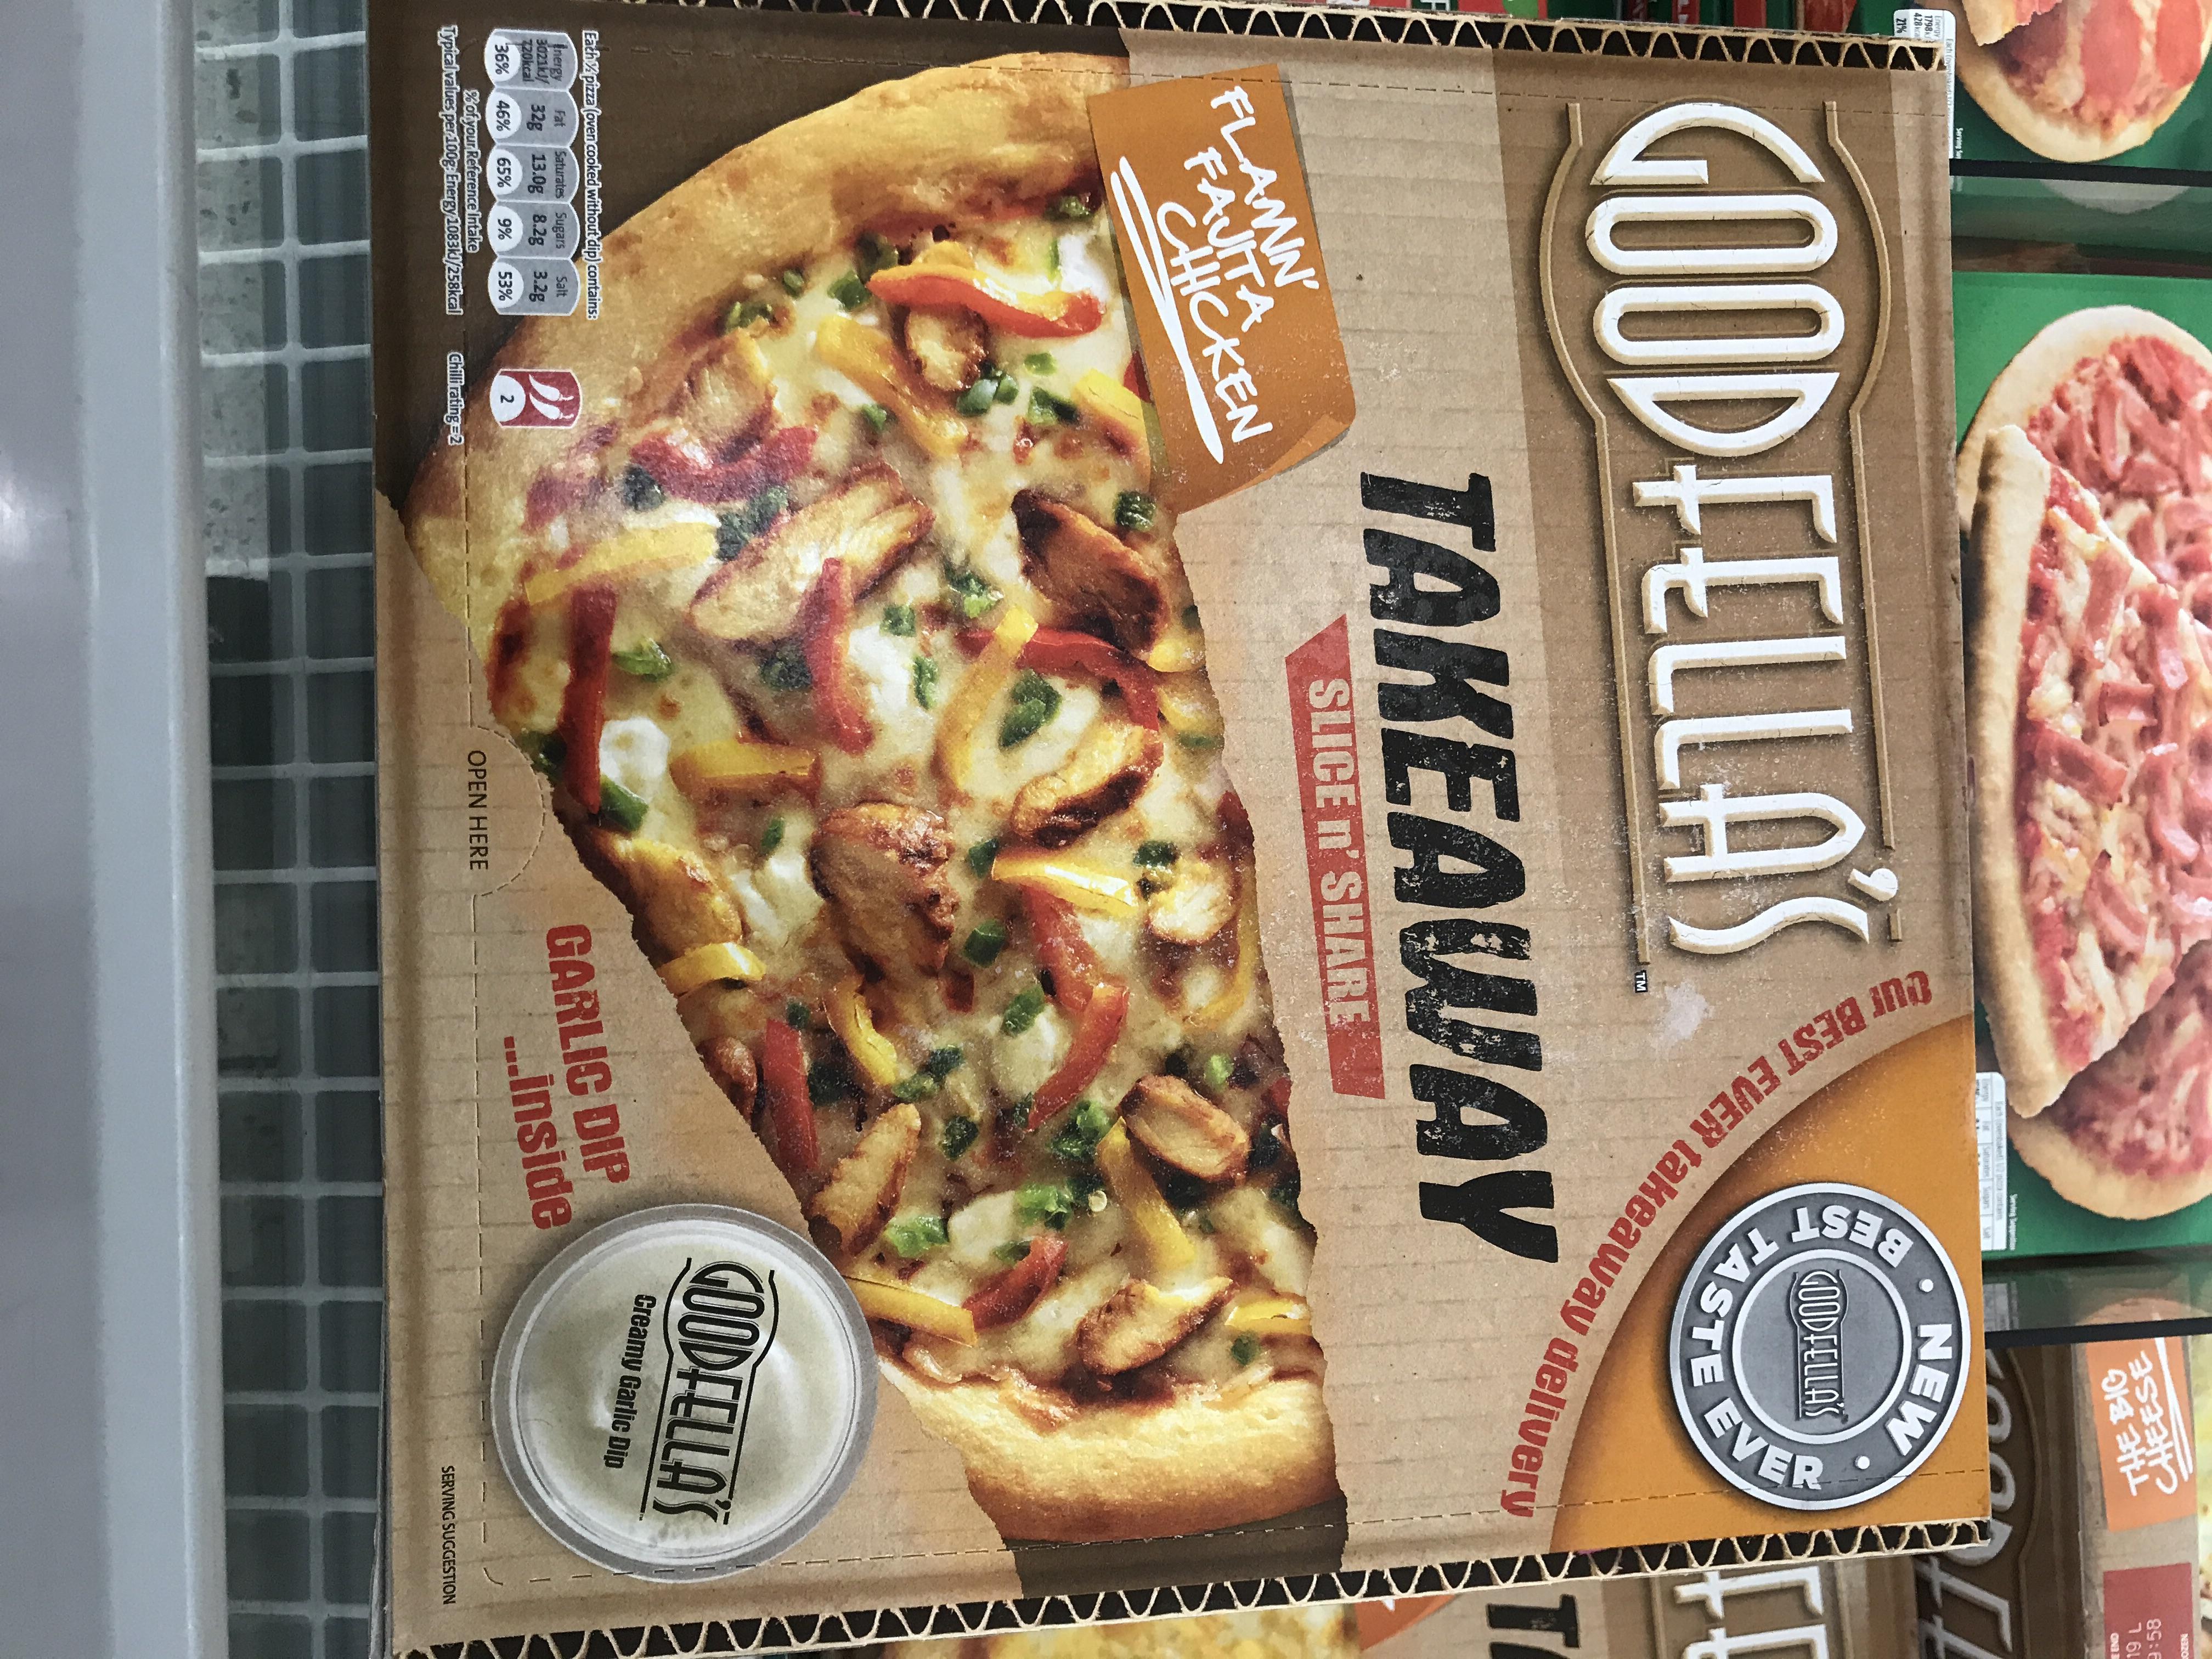 Goodfellas Flamin Fajita Chicken Pizza at Asda for £1.20